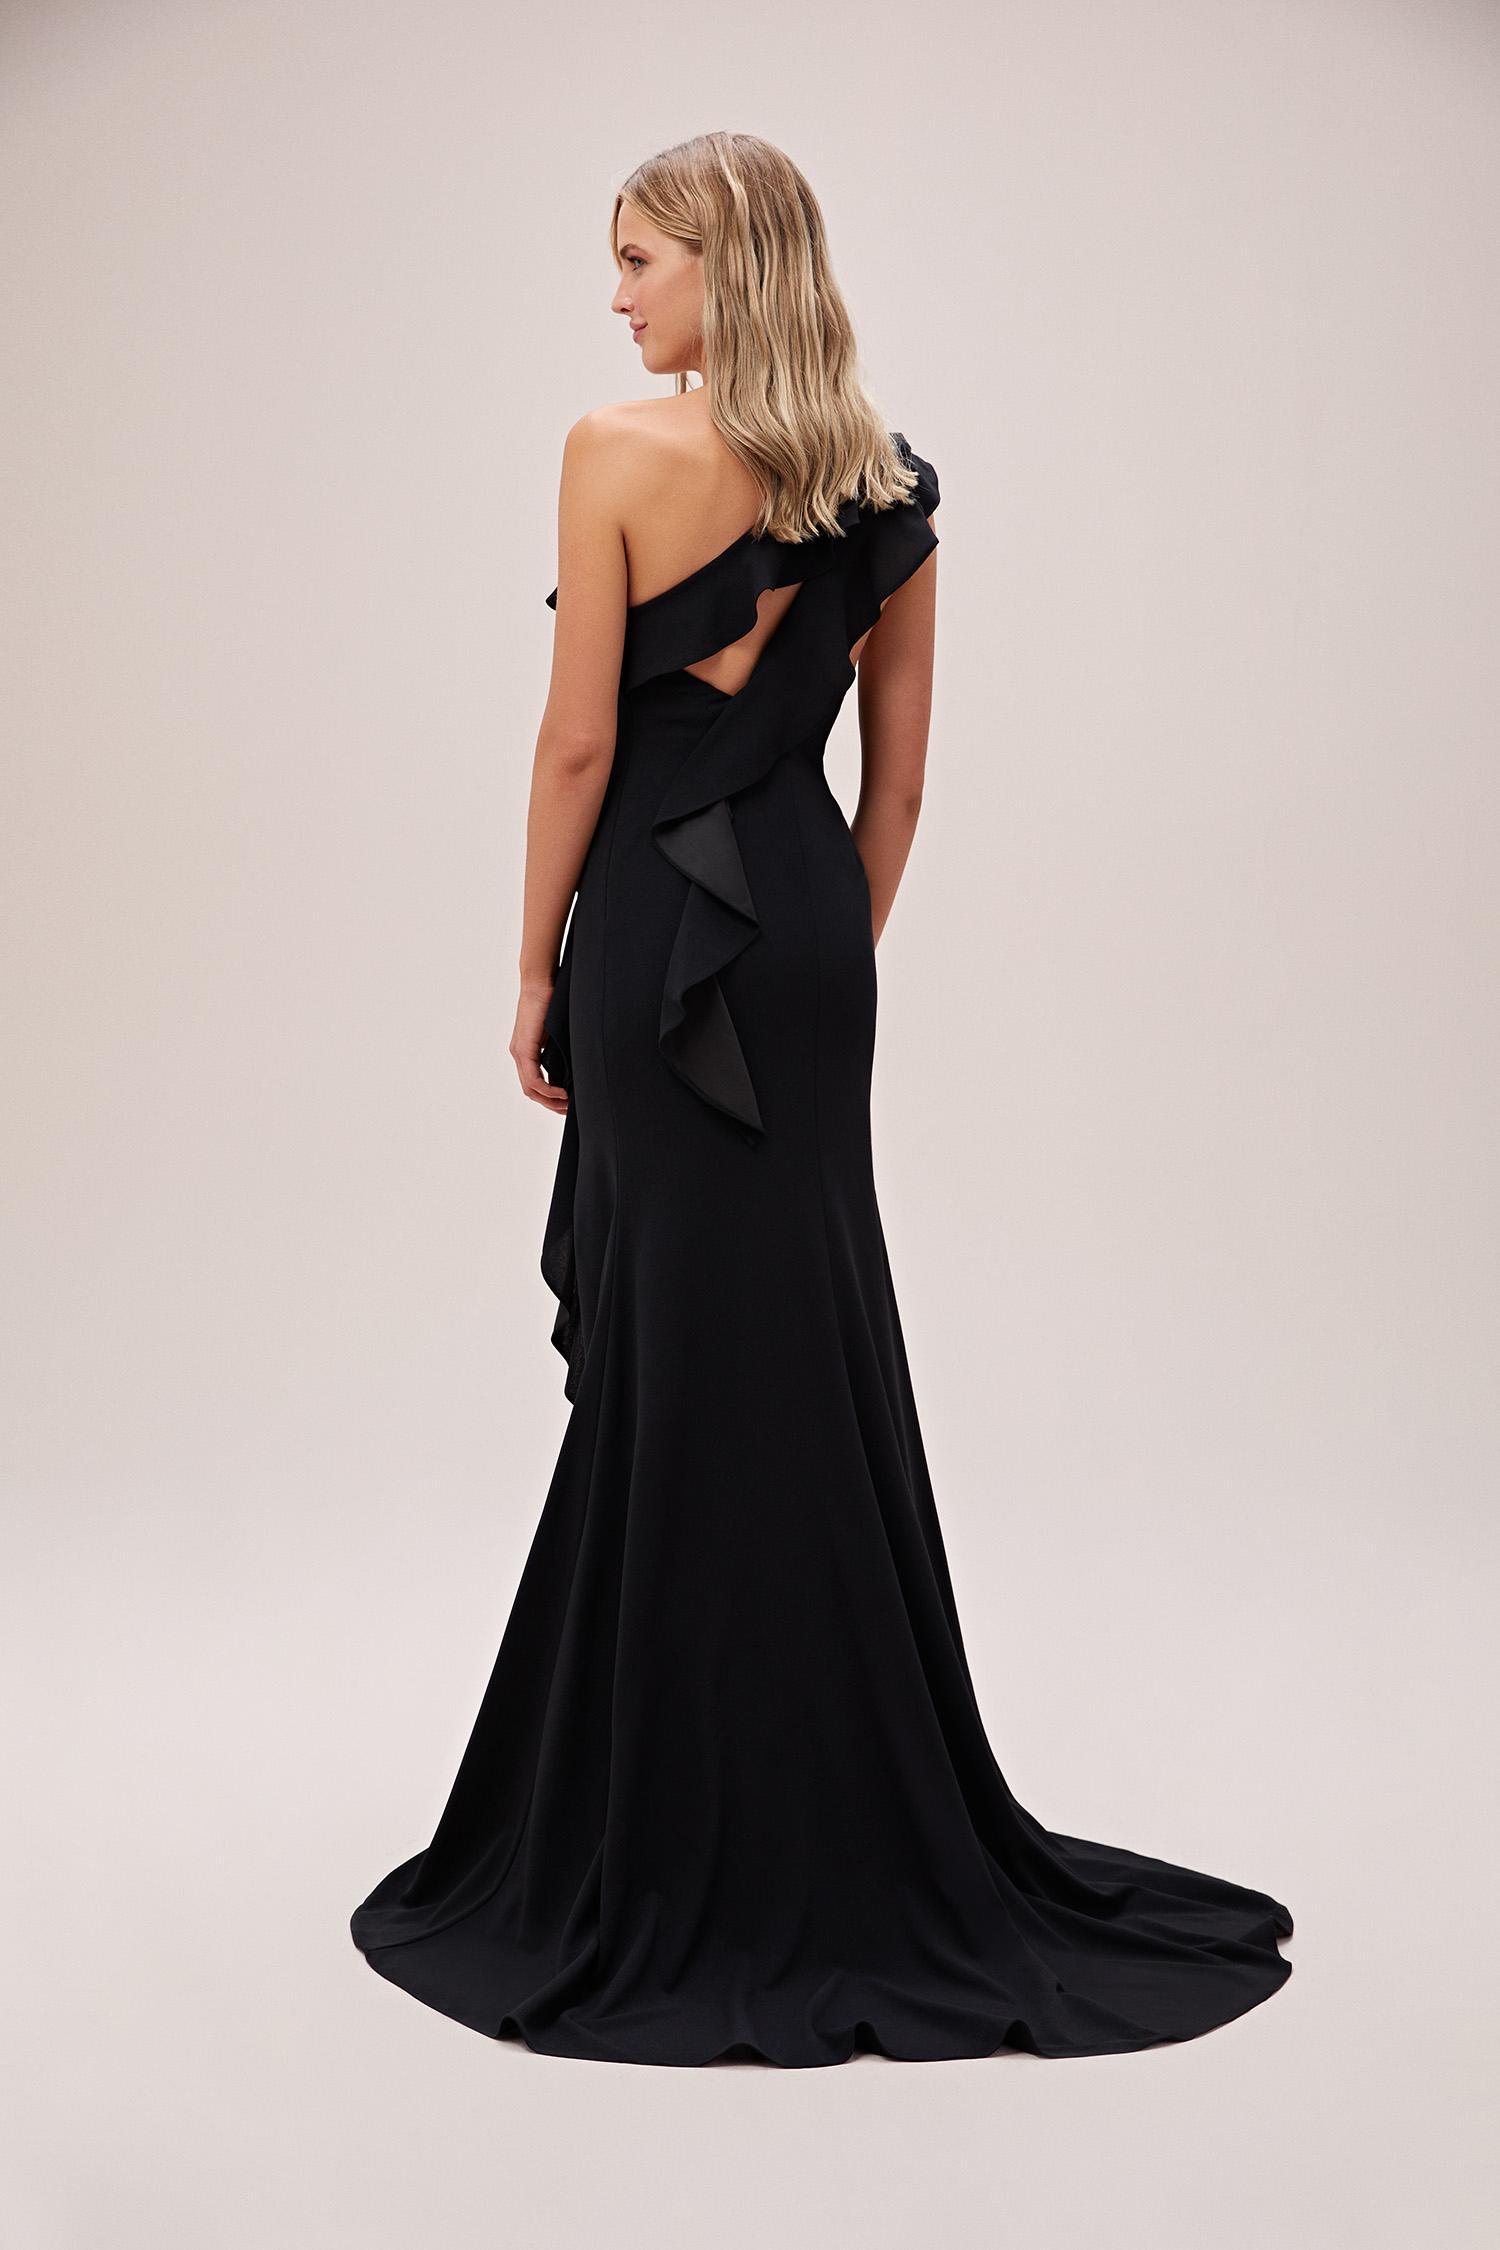 Siyah Tek Omuz Fırfırlı Yırtmaçlı Uzun Abiye Elbise - Thumbnail